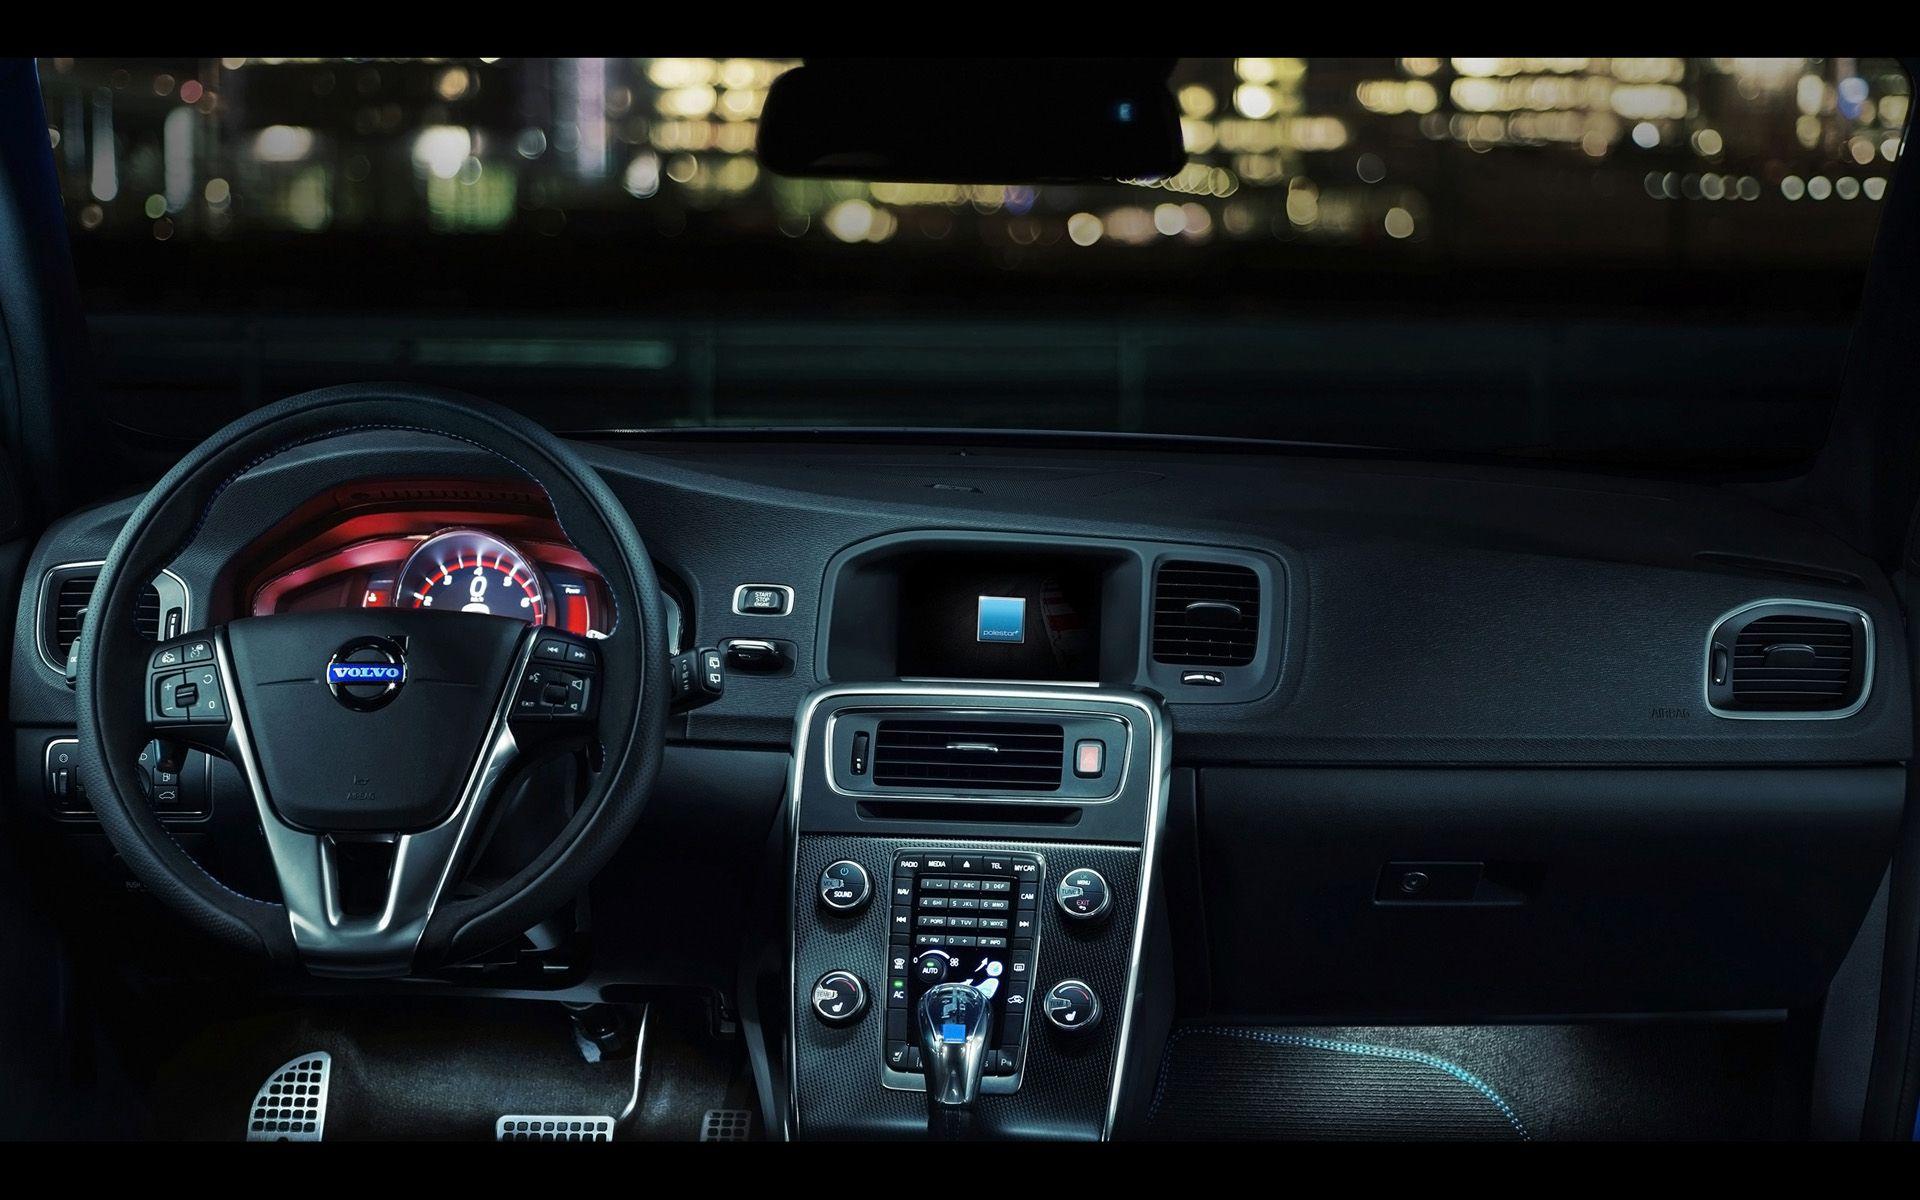 Volvo S60 & V60 Polestar Interior | Volvo | Pinterest | Volvo s60 ...